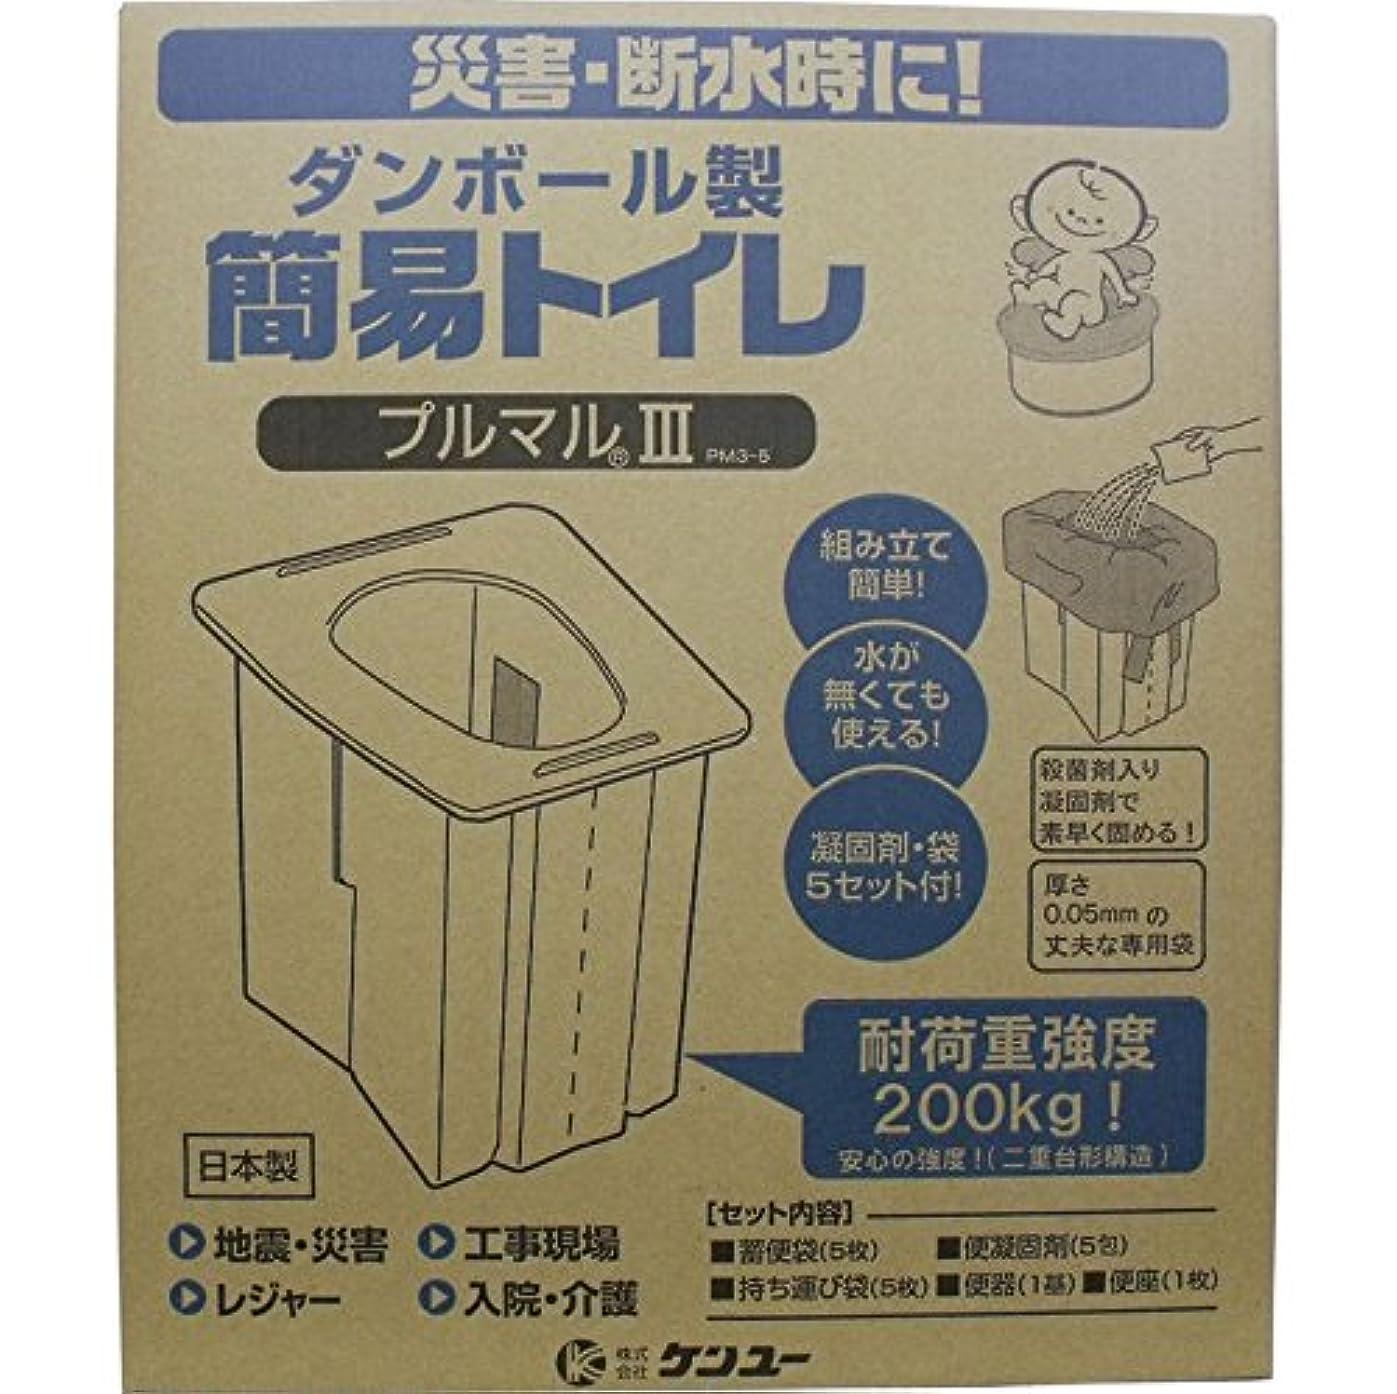 組み立てタイプ 簡単簡易トイレ 災害、断水時に 使いやすい ダンボール製簡易トイレ プルマル3 PM3-5【4個セット】